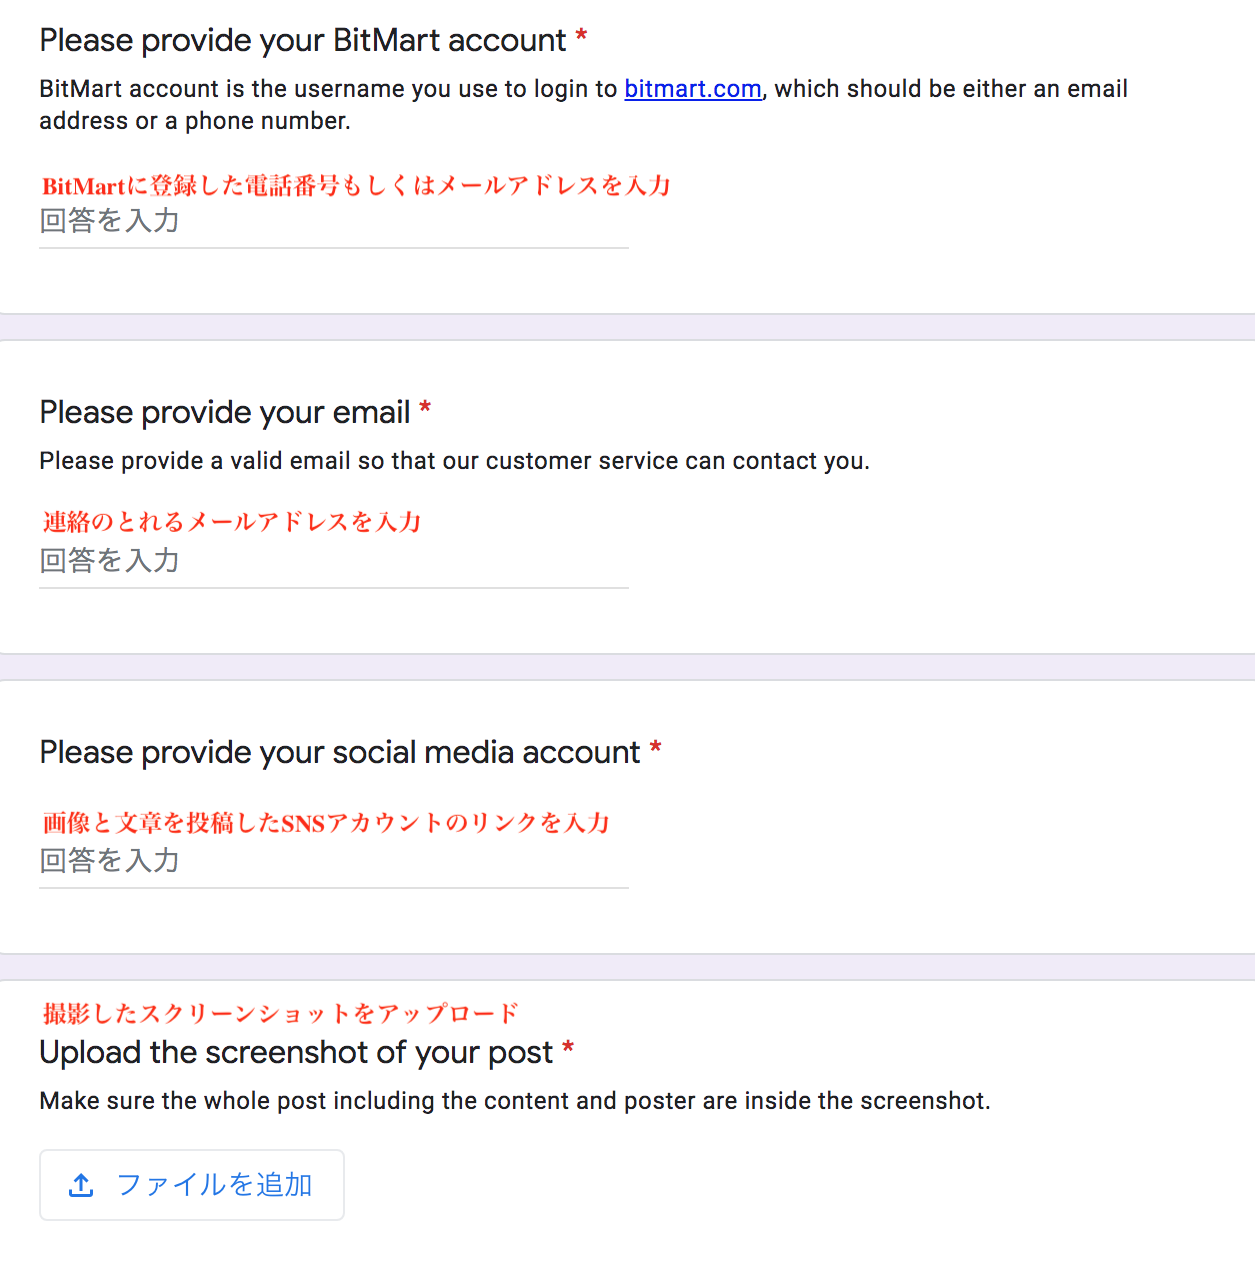 Spring_Campaign_Google_Form_Translation.png